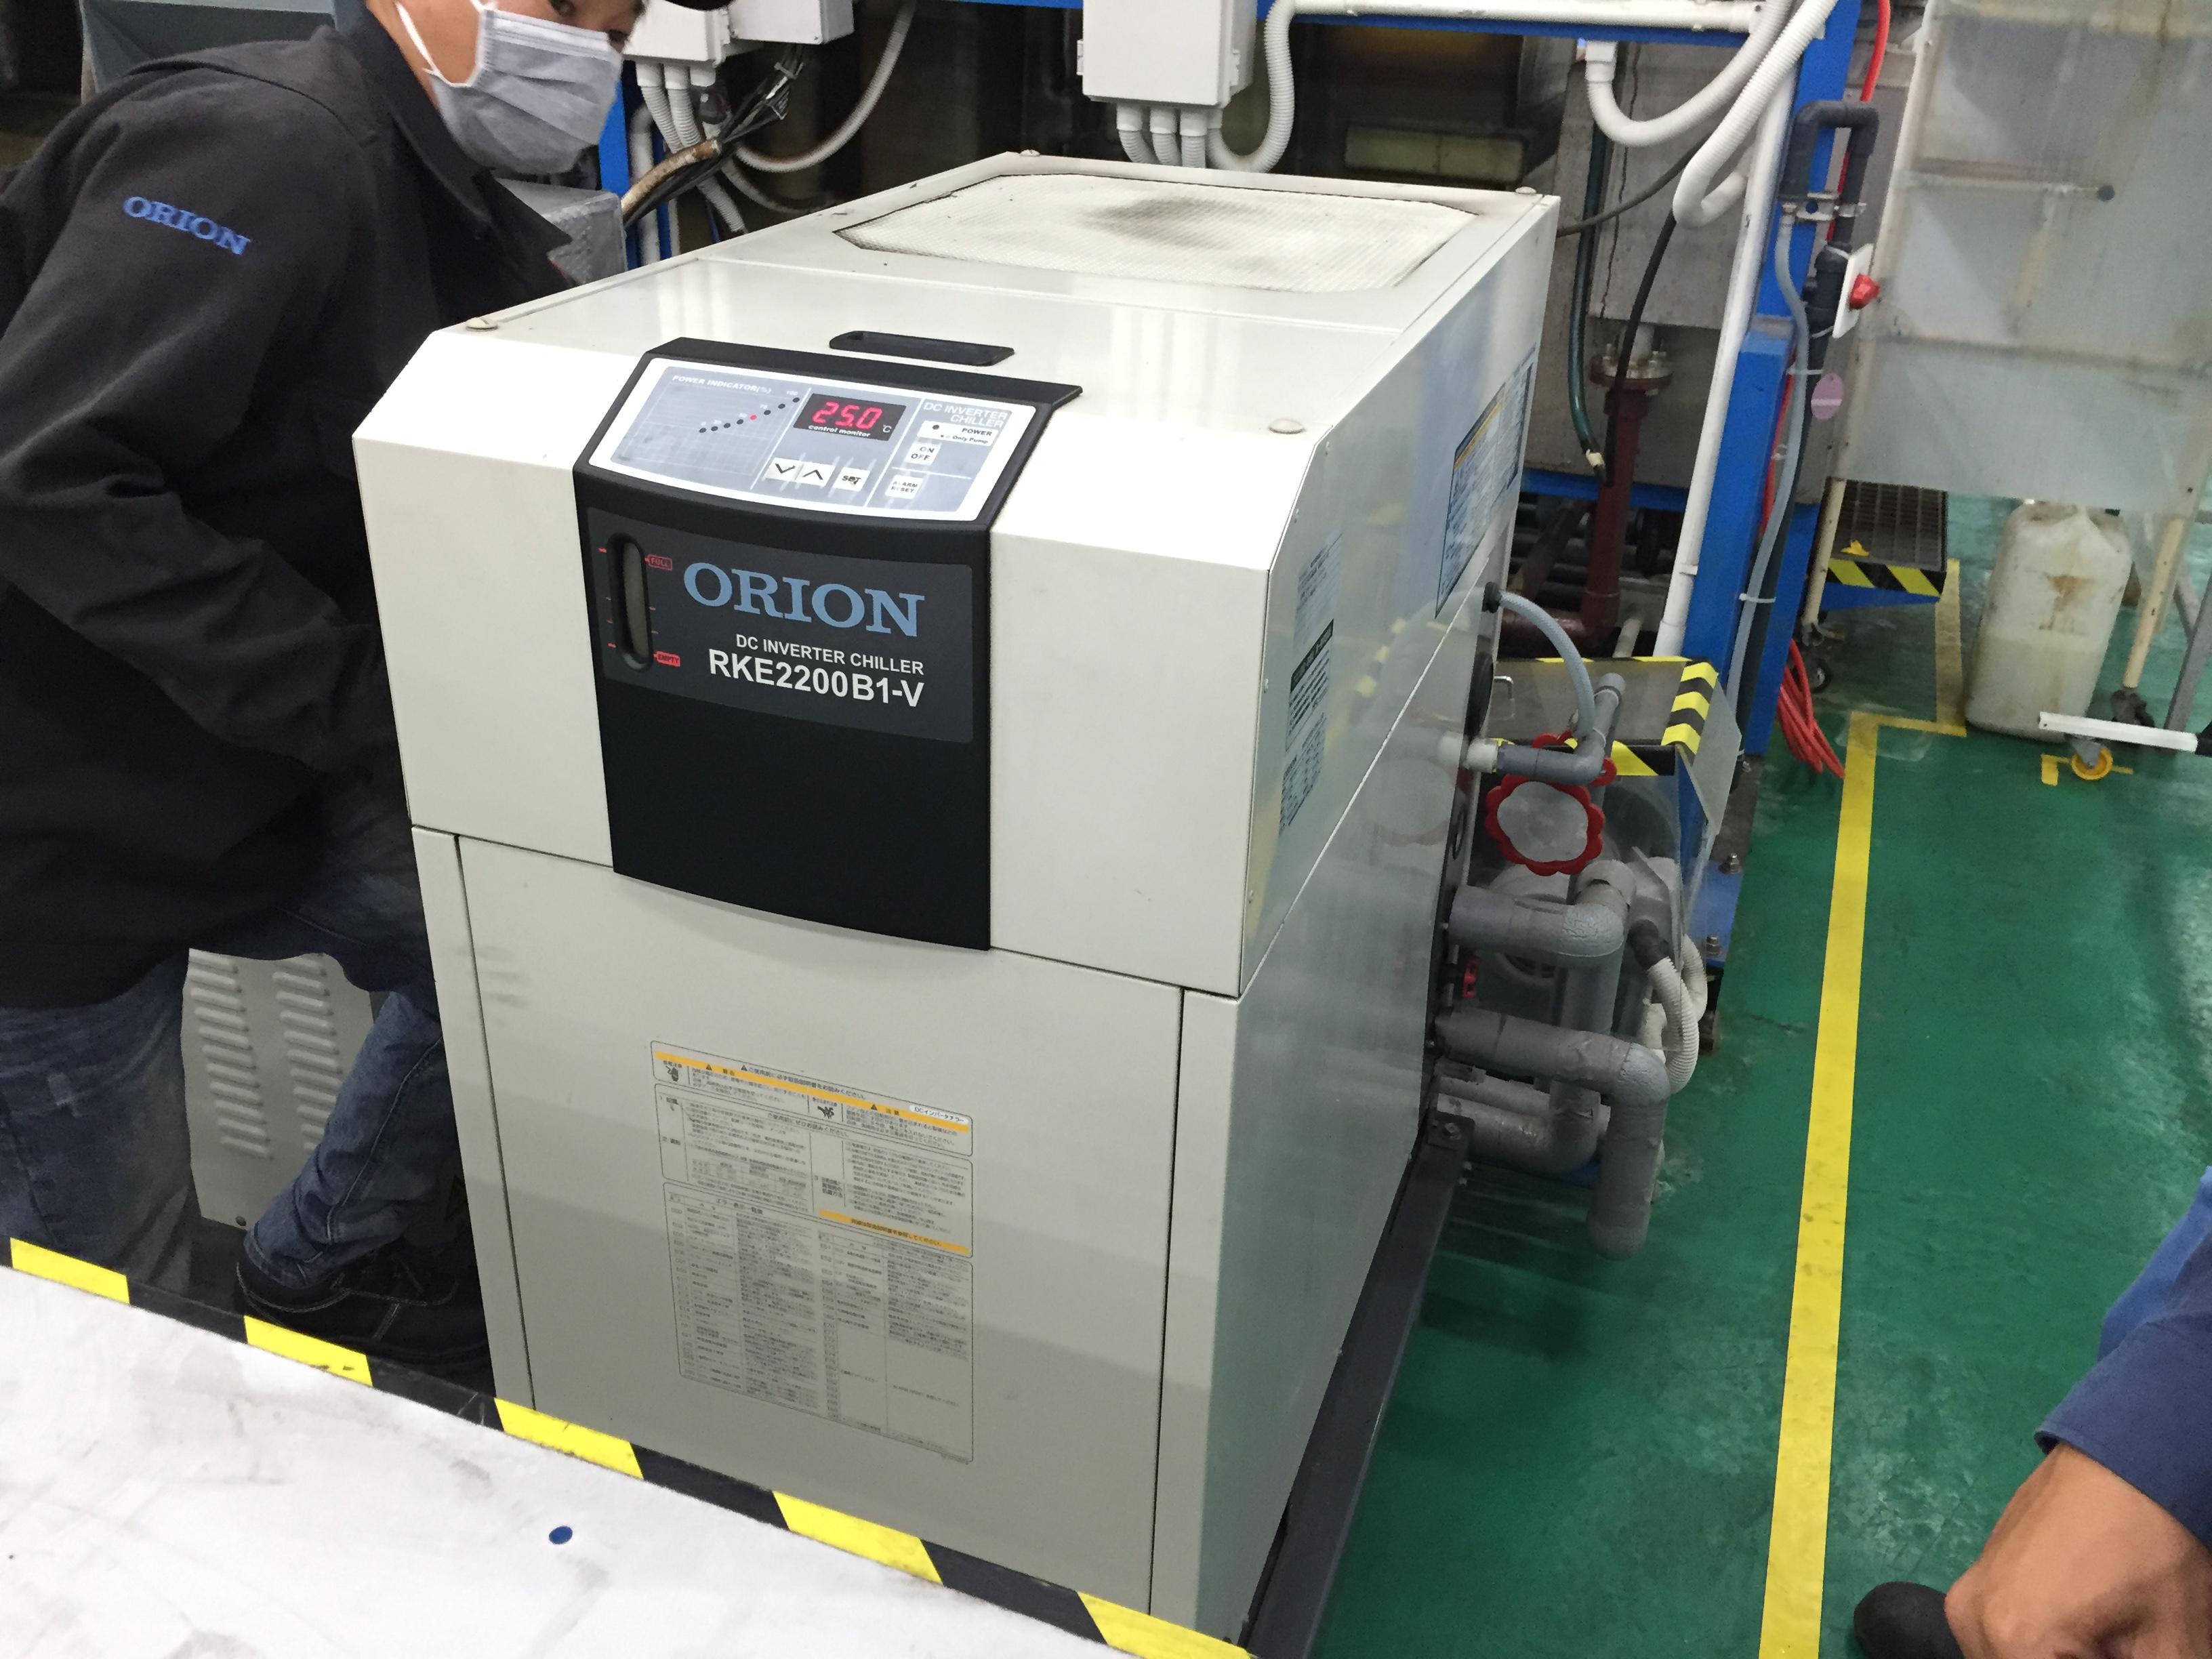 Chiller ORON for Plating Machine – Máy làm lạnh nước ORION sử dụng cho máy mạ!